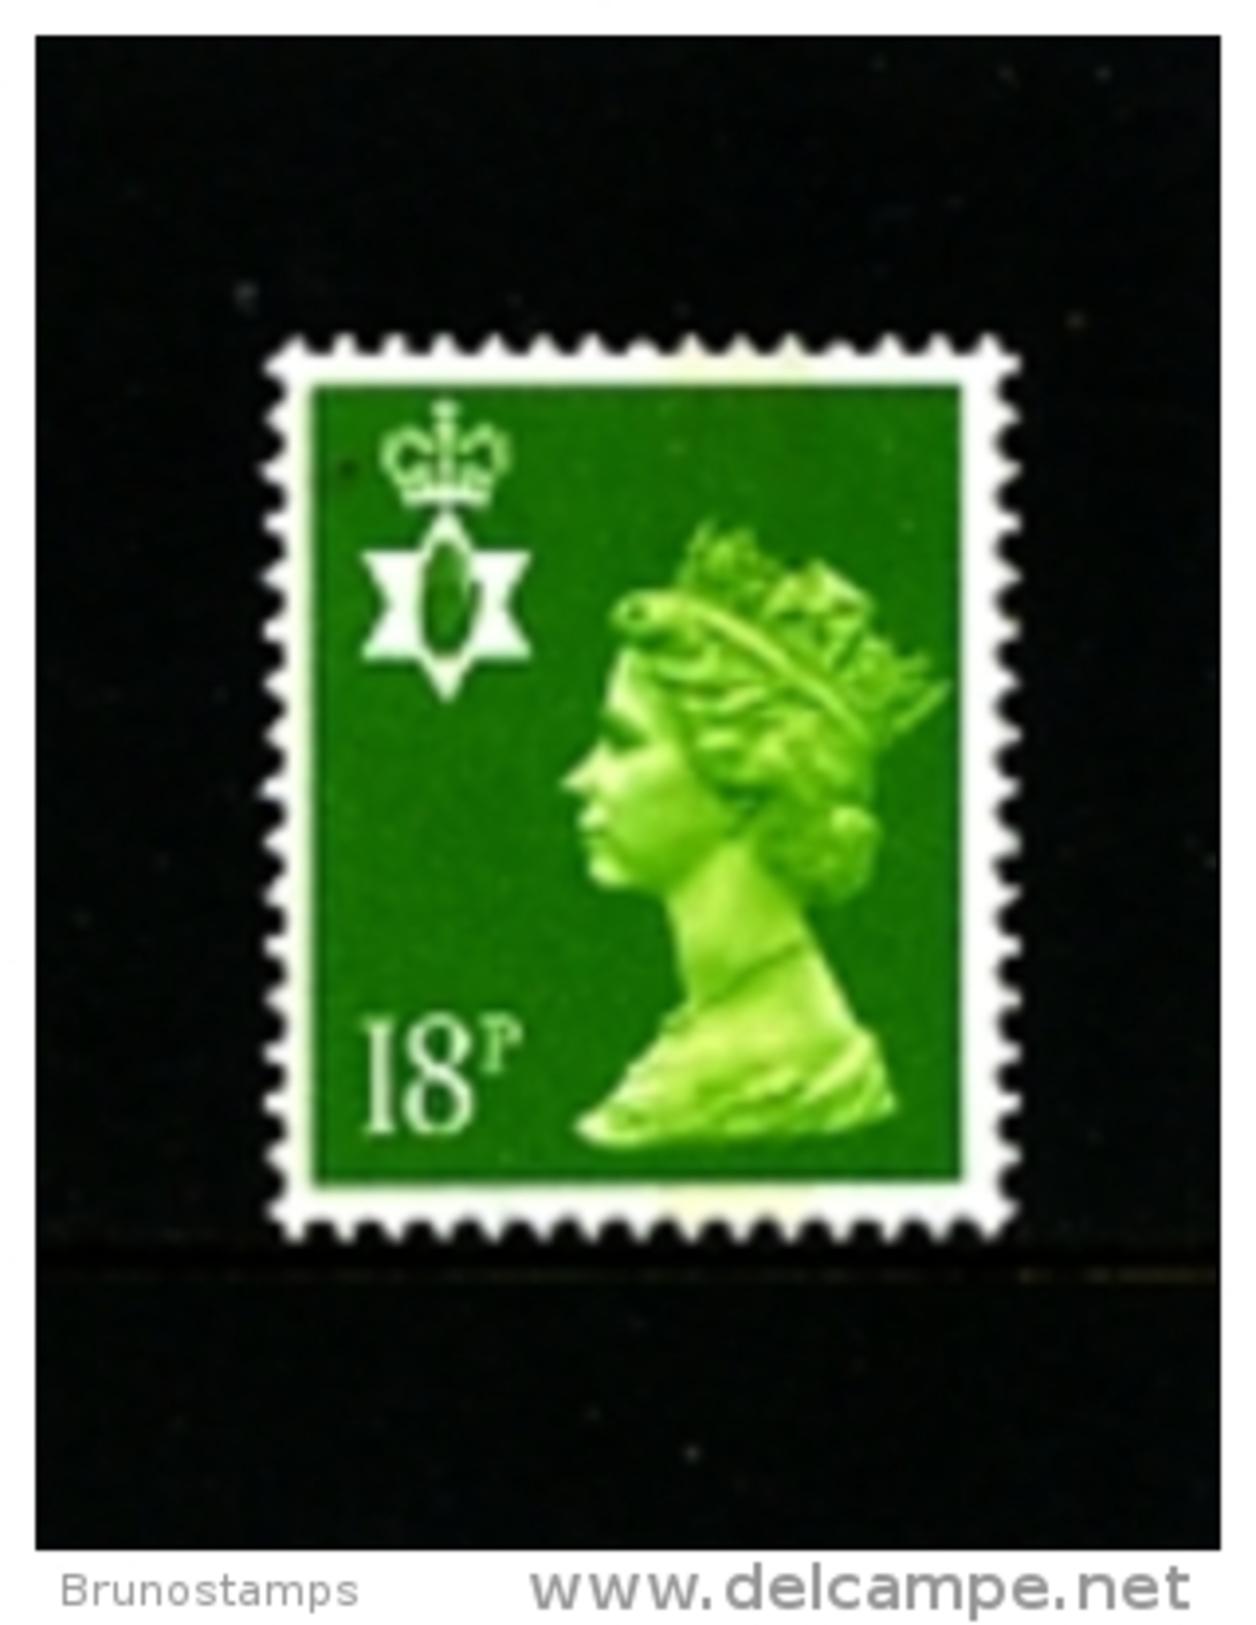 GREAT BRITAIN - 1991  NORTHERN IRELAND  18 P.  MINT NH   SG  NI47 - Irlanda Del Nord